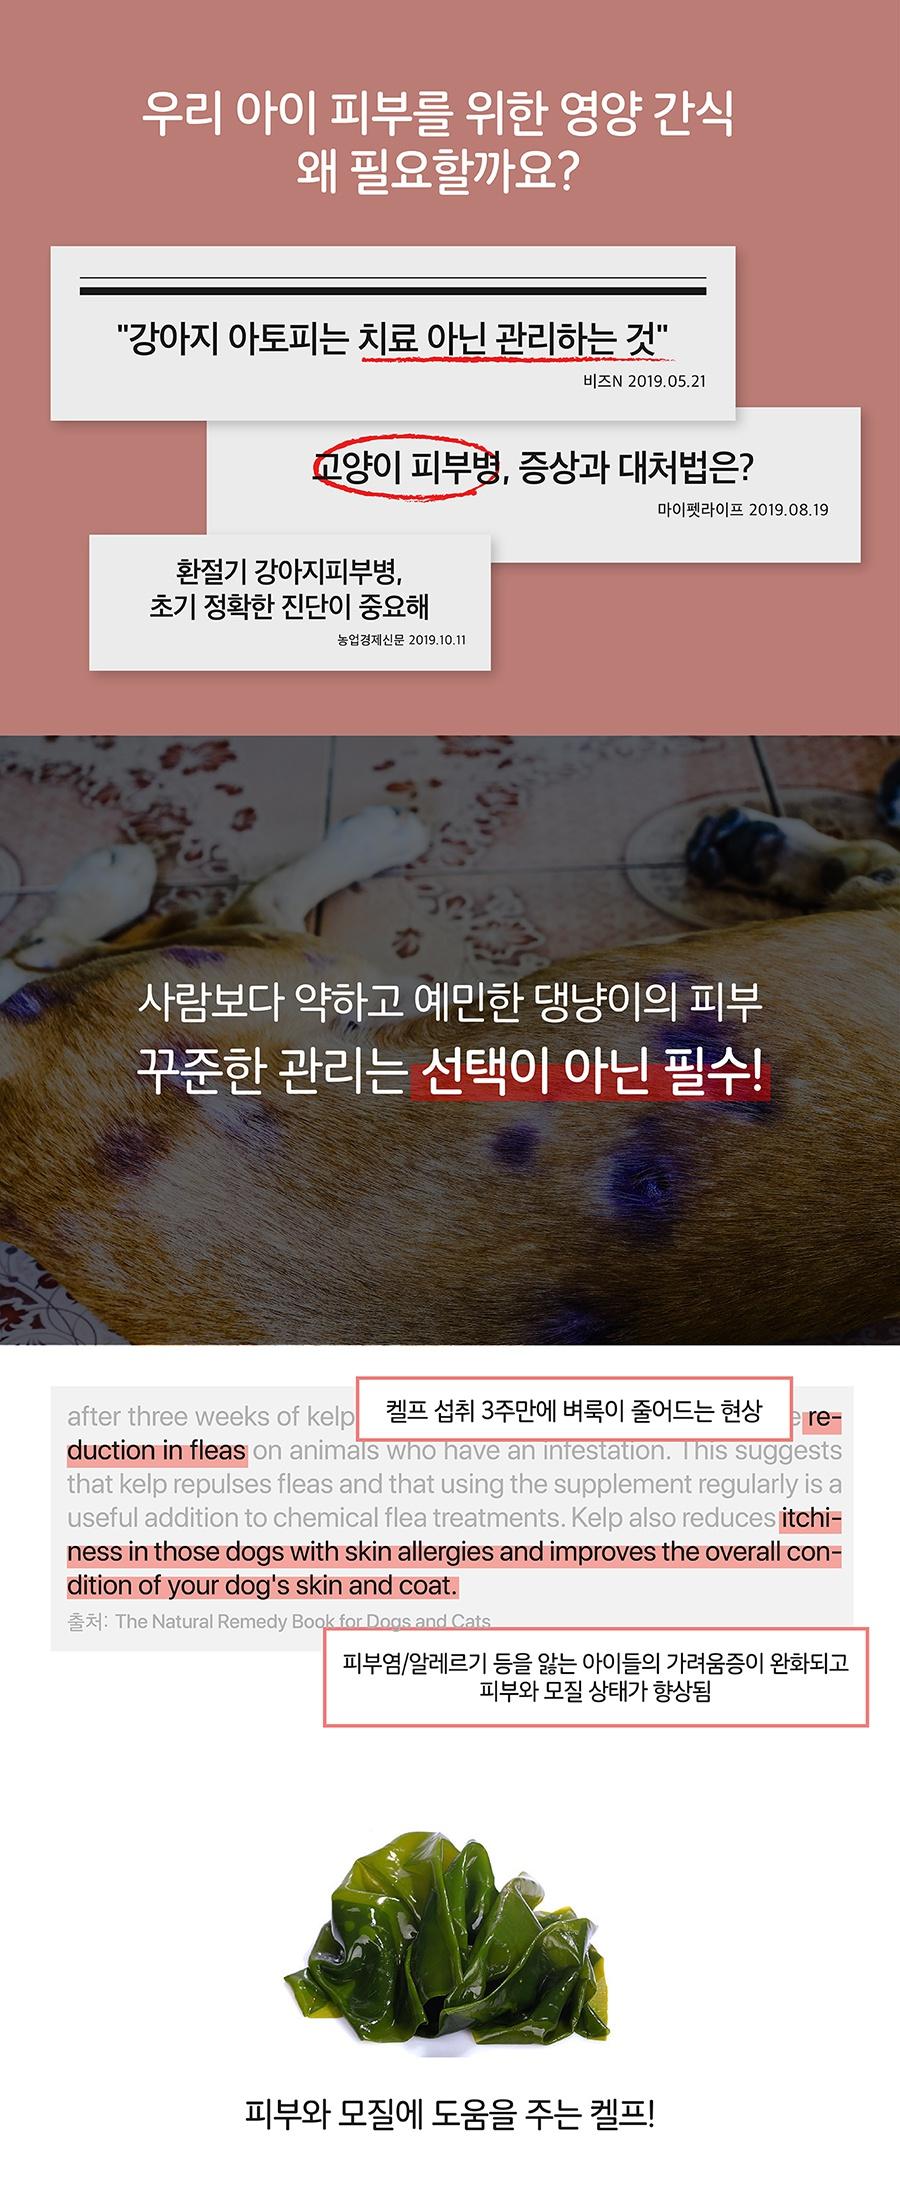 [오구오구특가]it 잇쭈 피부 (8개입)-상품이미지-3